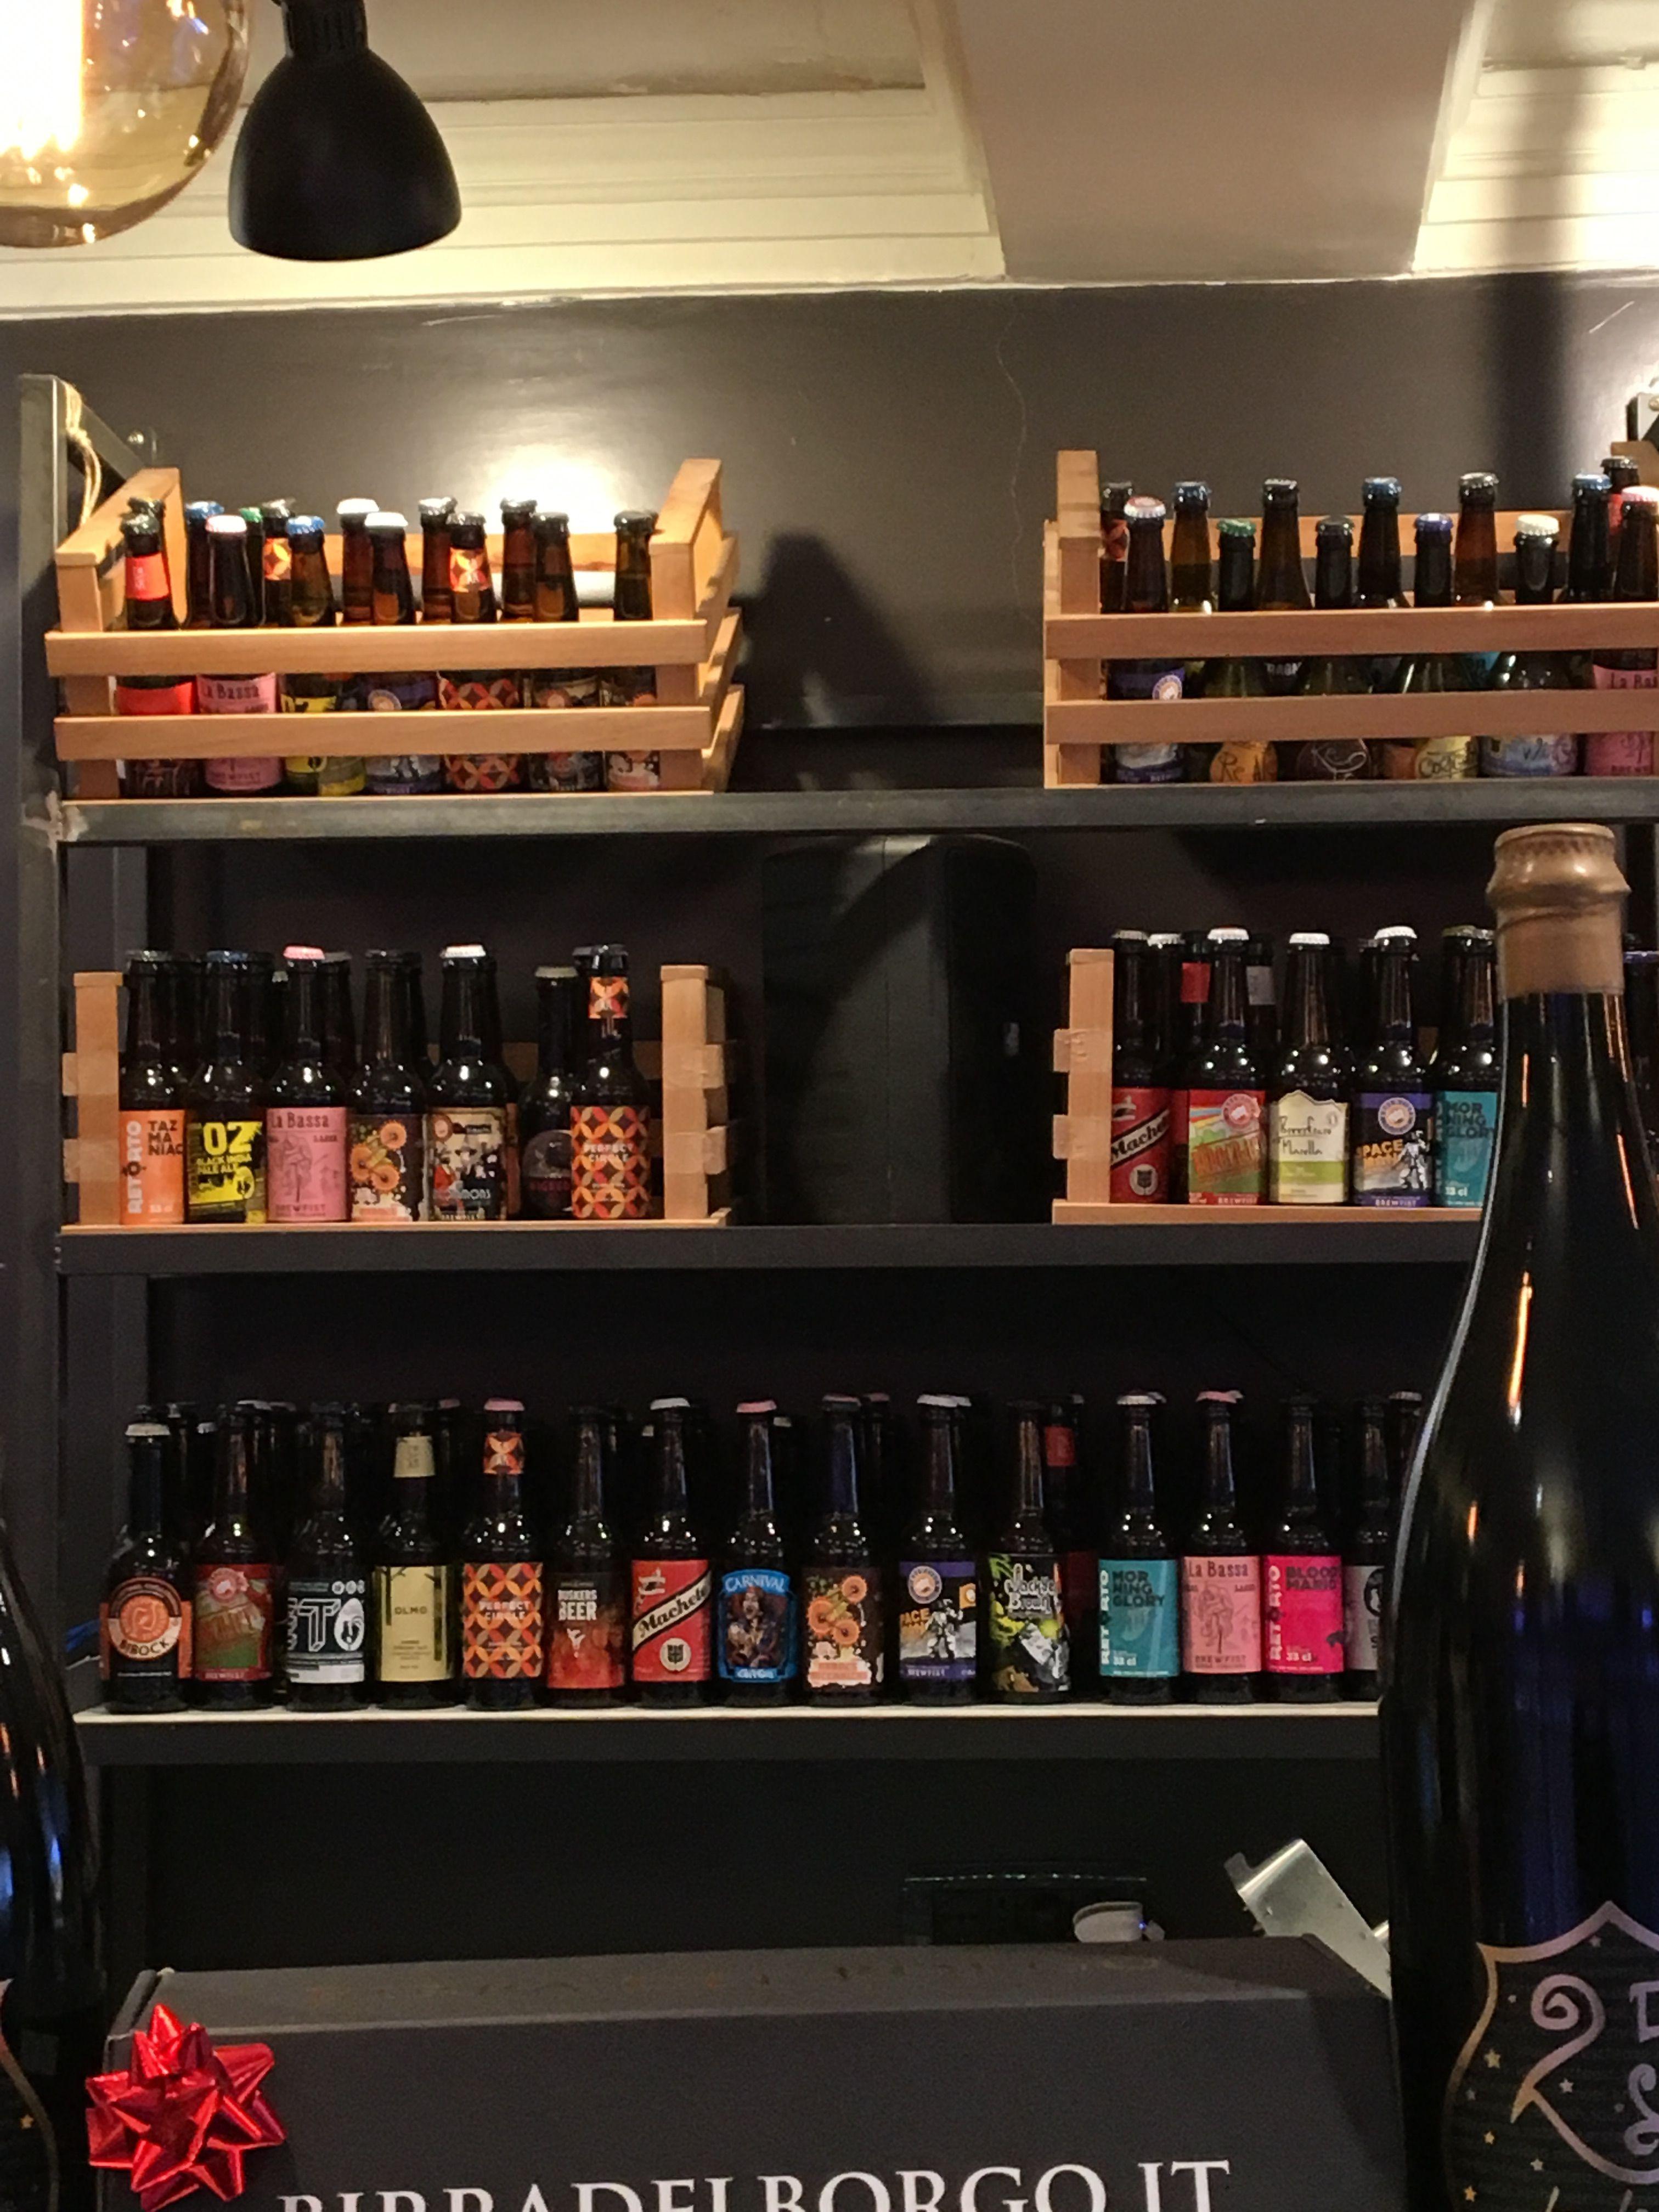 birre artigianali da birra & sale | Liquor cabinet, Cafe ...